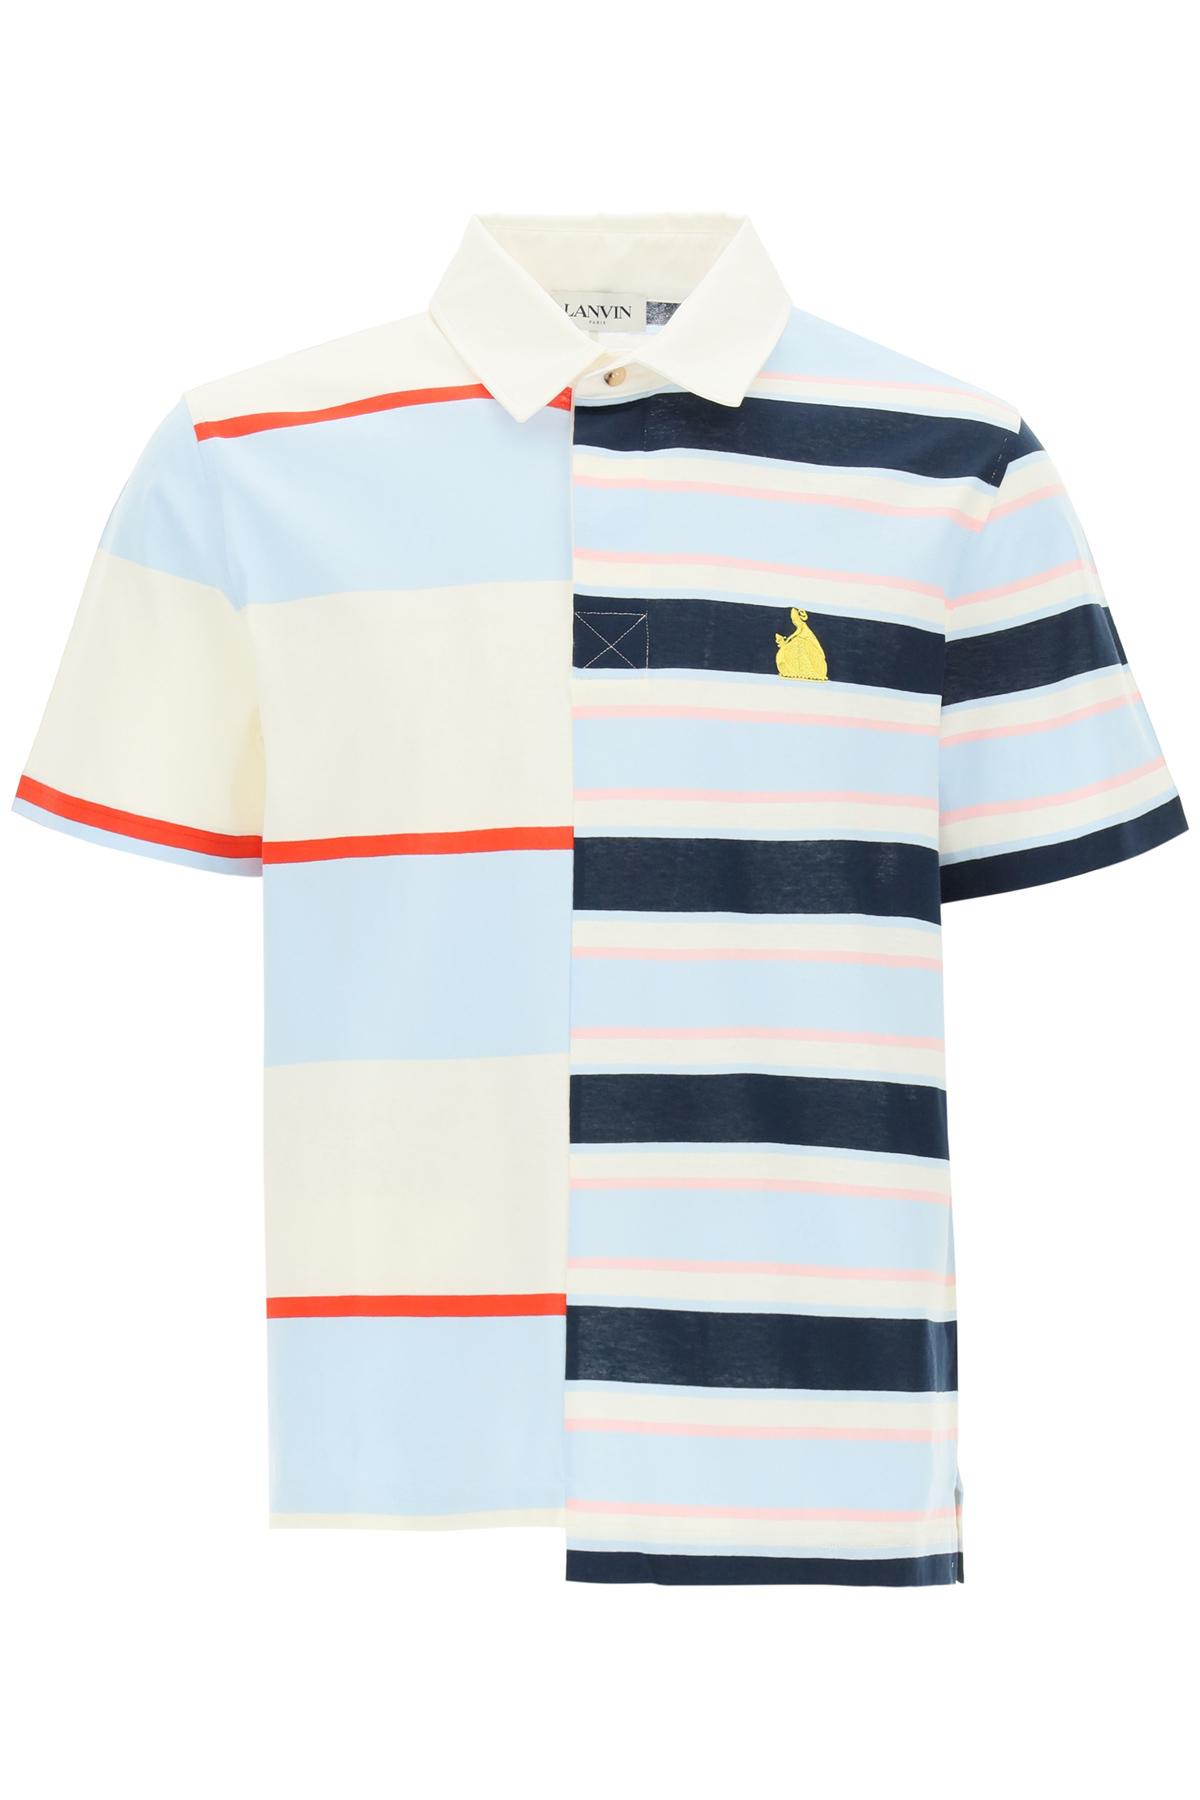 LANVIN STRIPED PATCHWORK POLO SHIRT L White, Blue, Pink Cotton